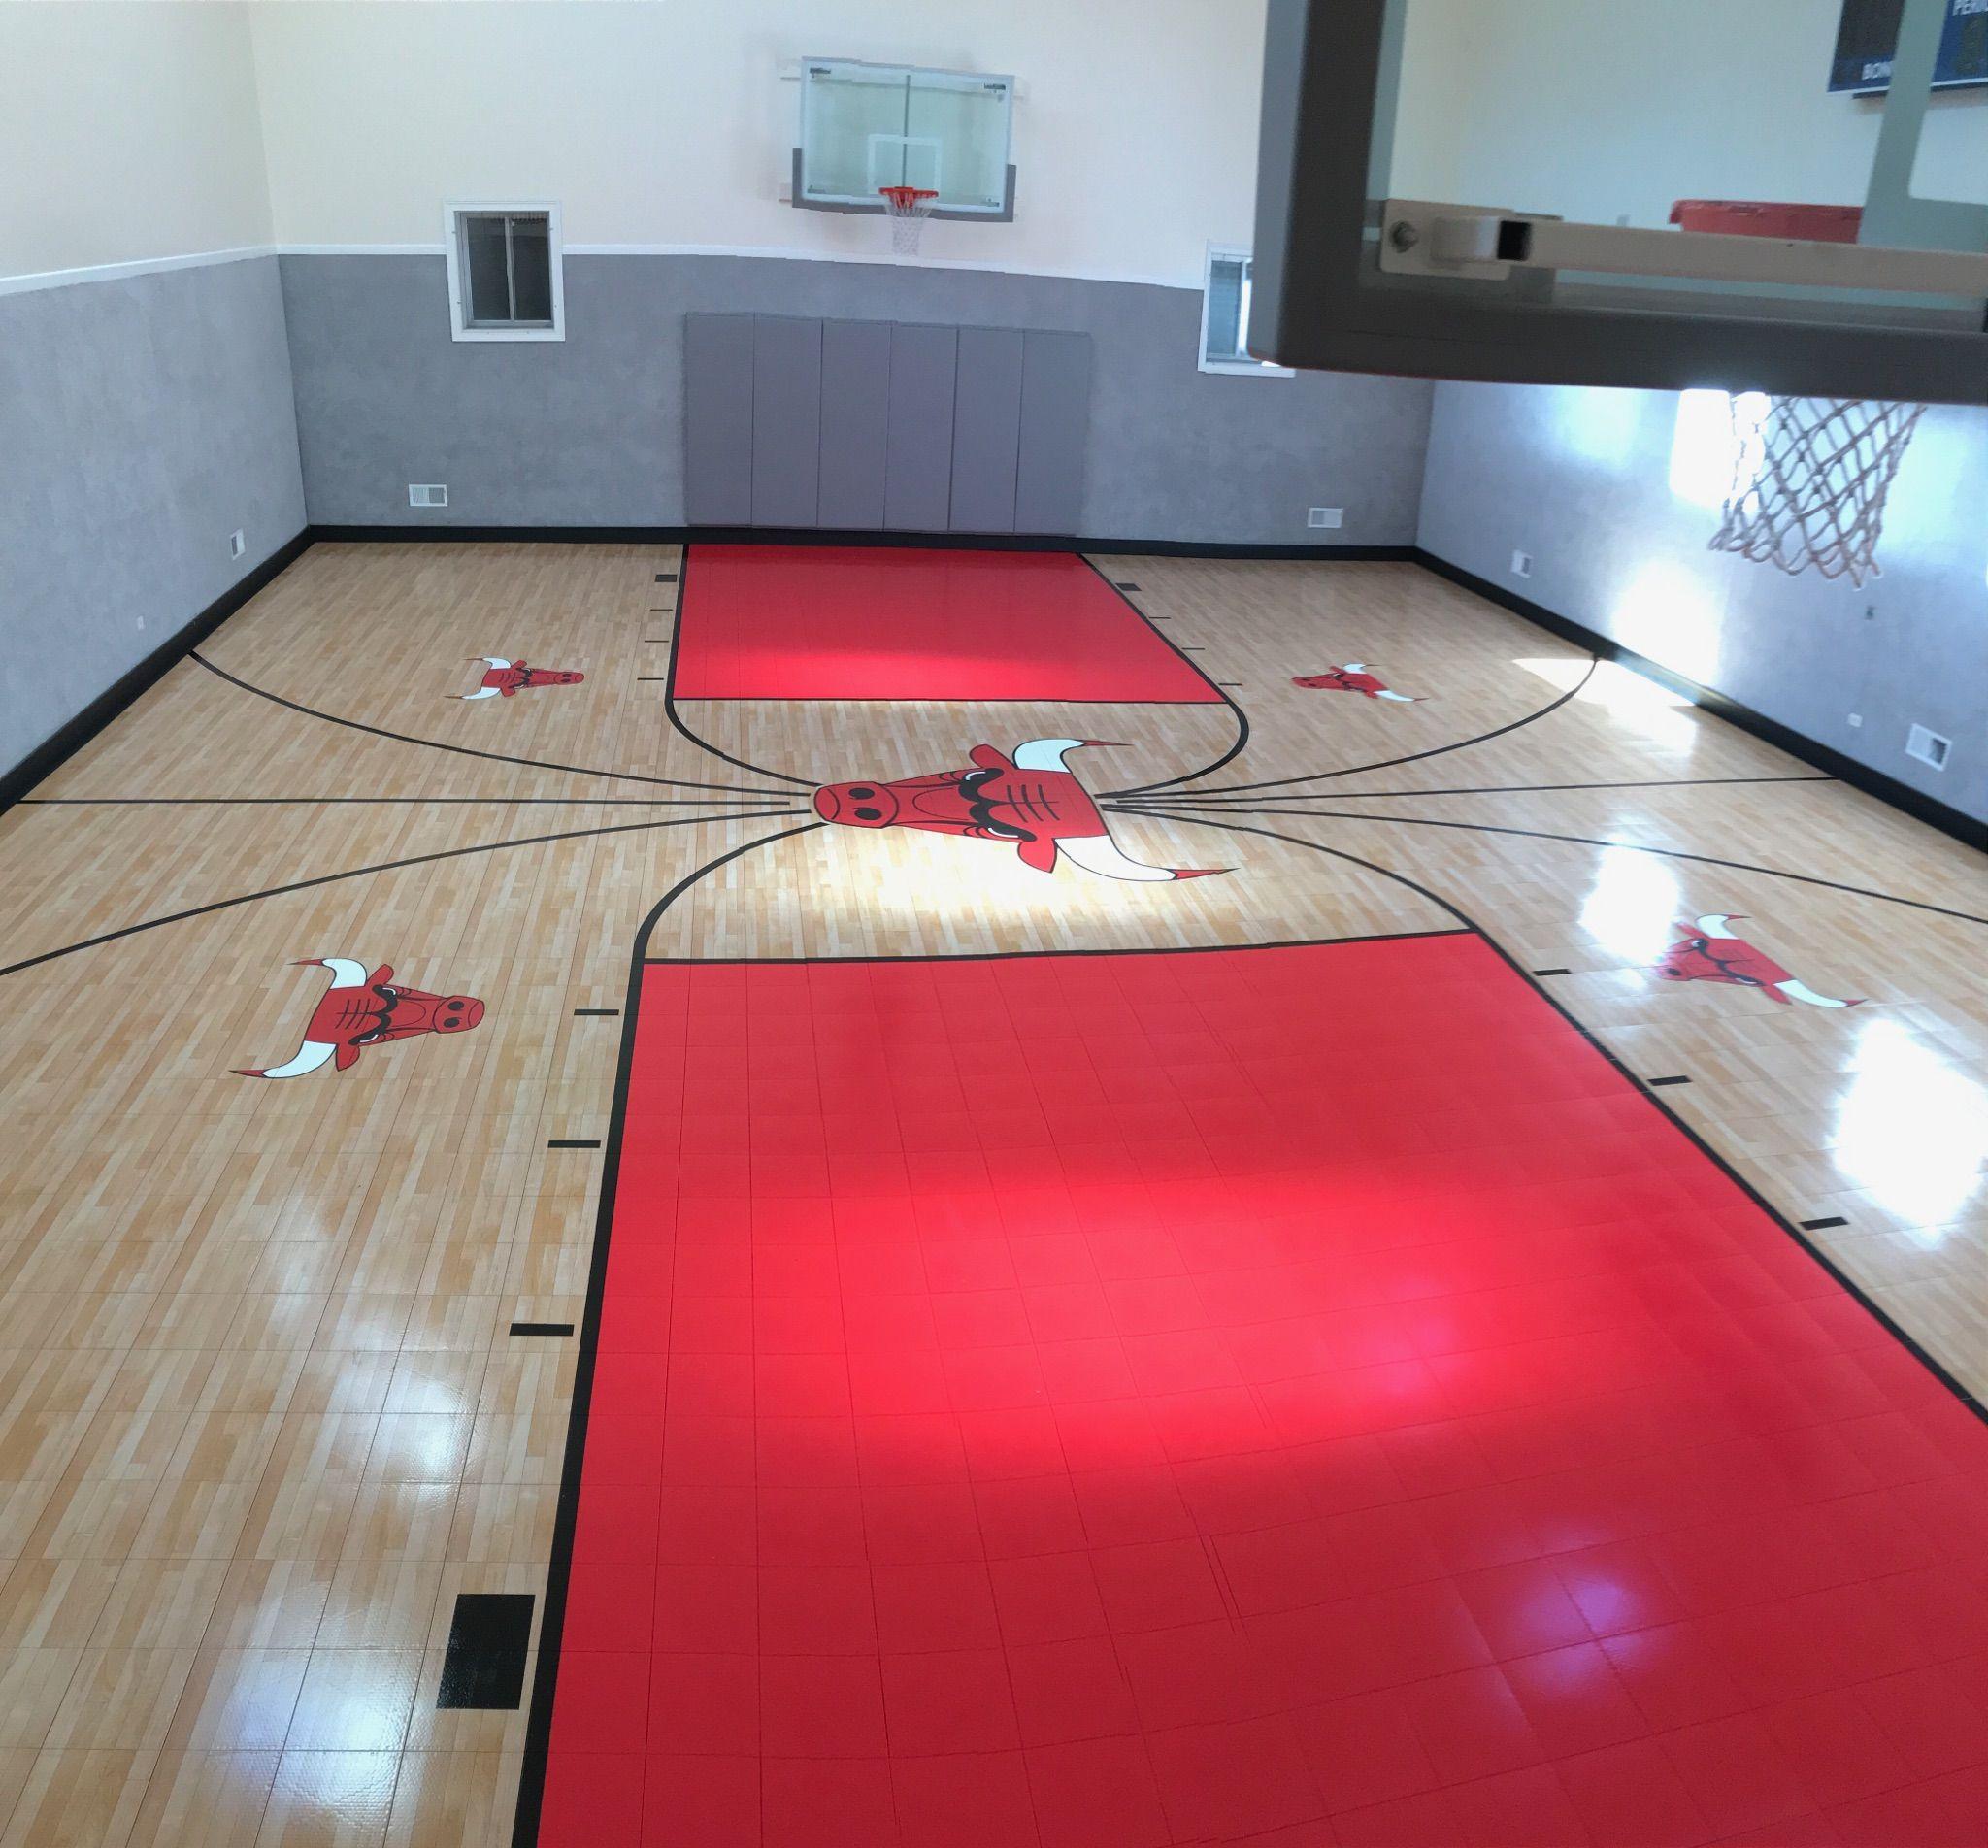 Chicago Bulls Indoor Home Gym Home Basketball Court Basketball Room Metal Barn Homes